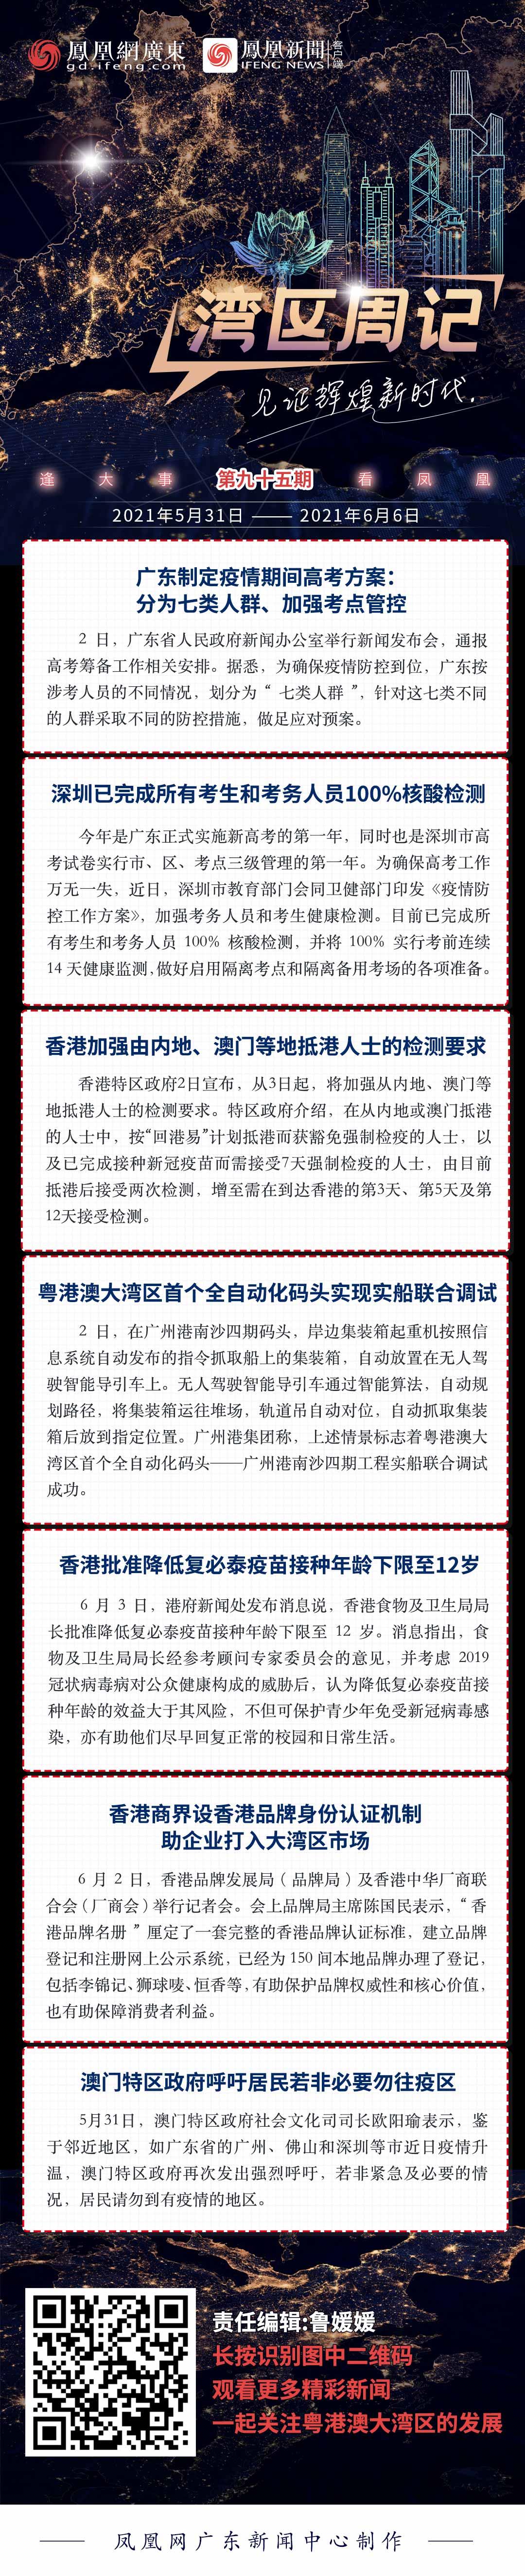 湾区周记No.95丨广东制定疫情期间高考方案:分为7类人群、加强考点管控